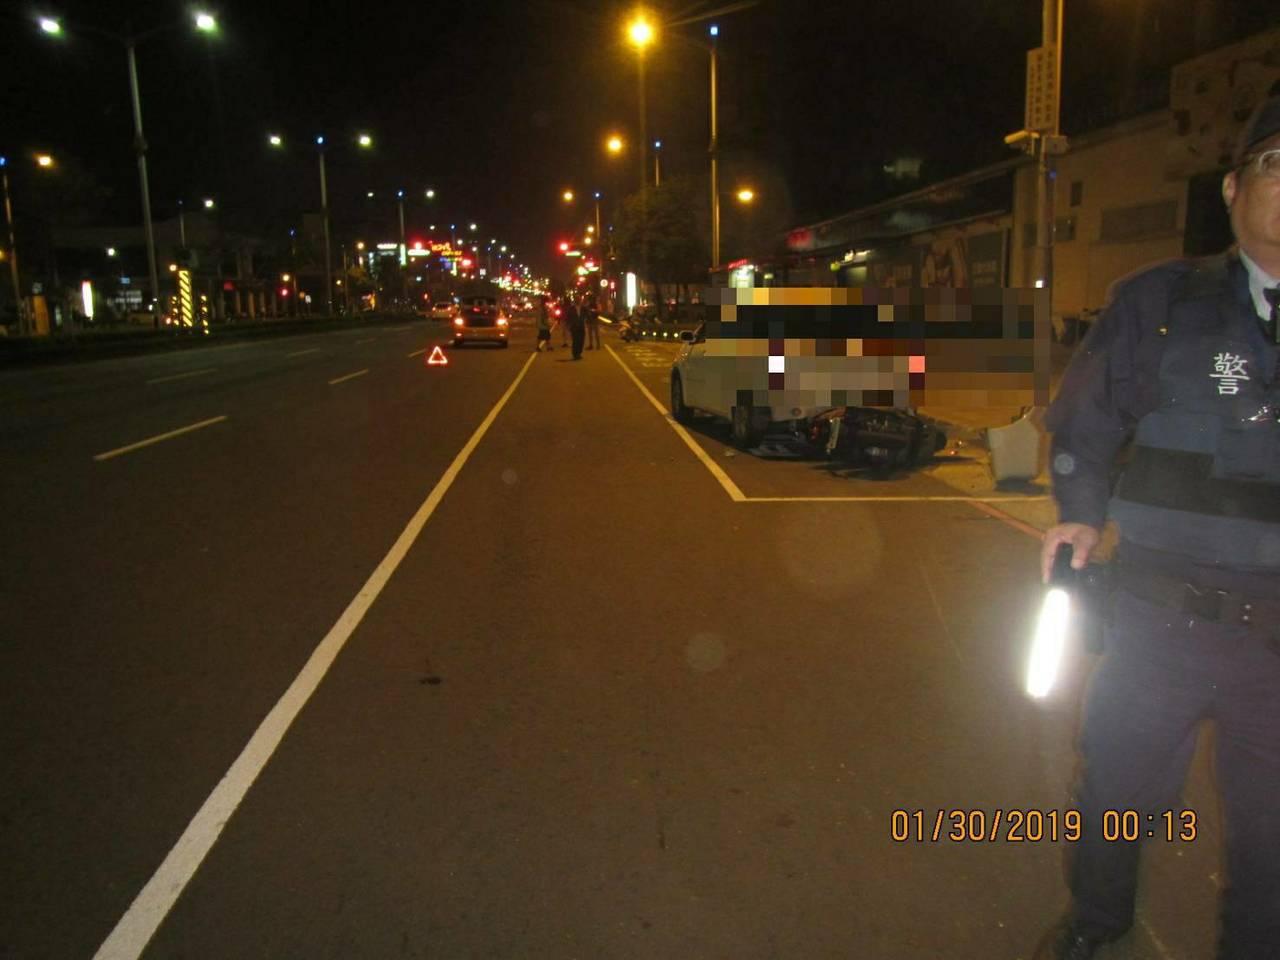 高雄市昨日深夜發生一件死亡車禍。記者張媛榆/翻攝